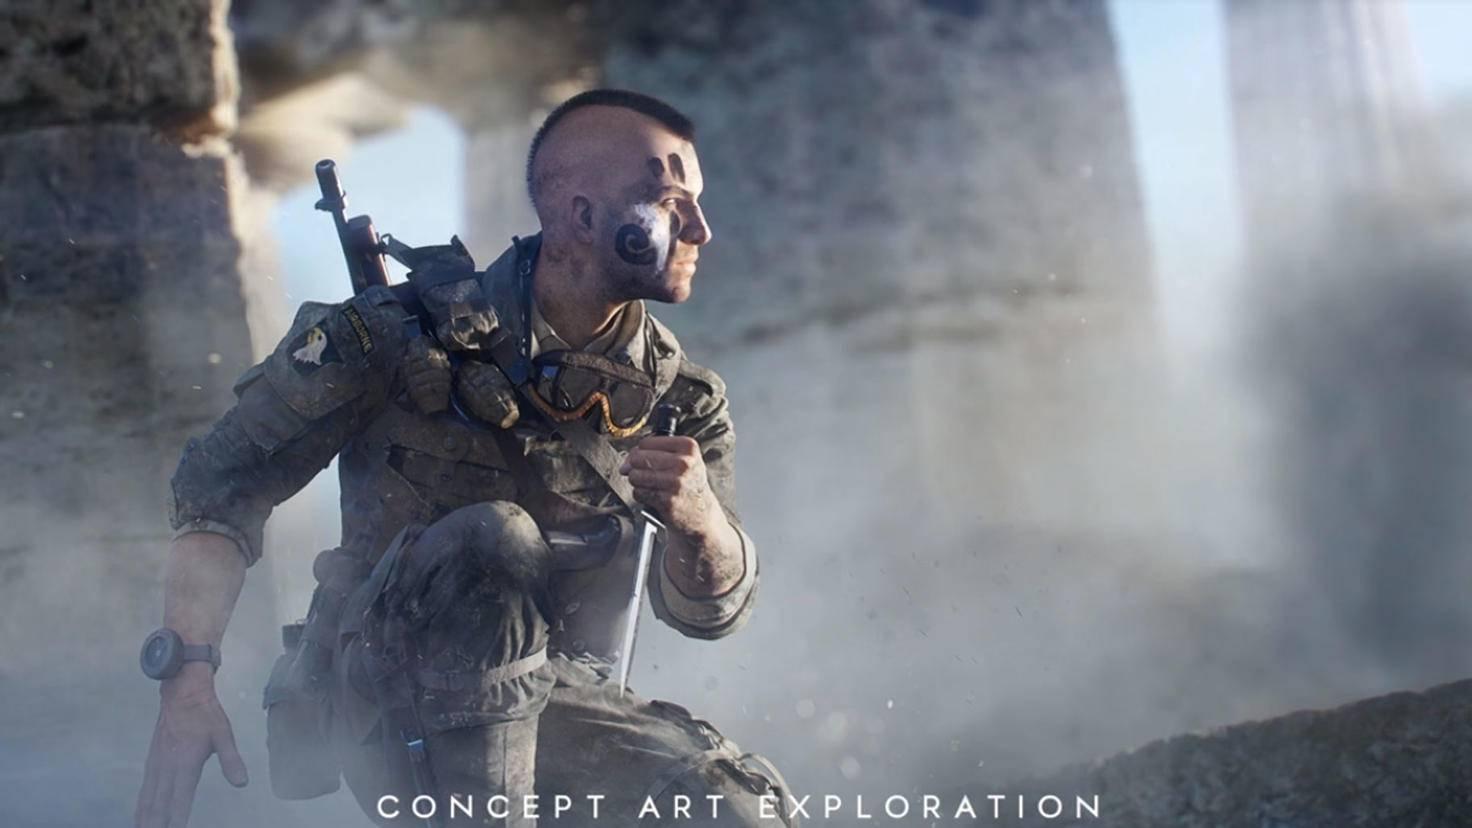 battlefield-5-reveal-event-warpaint-screenshot